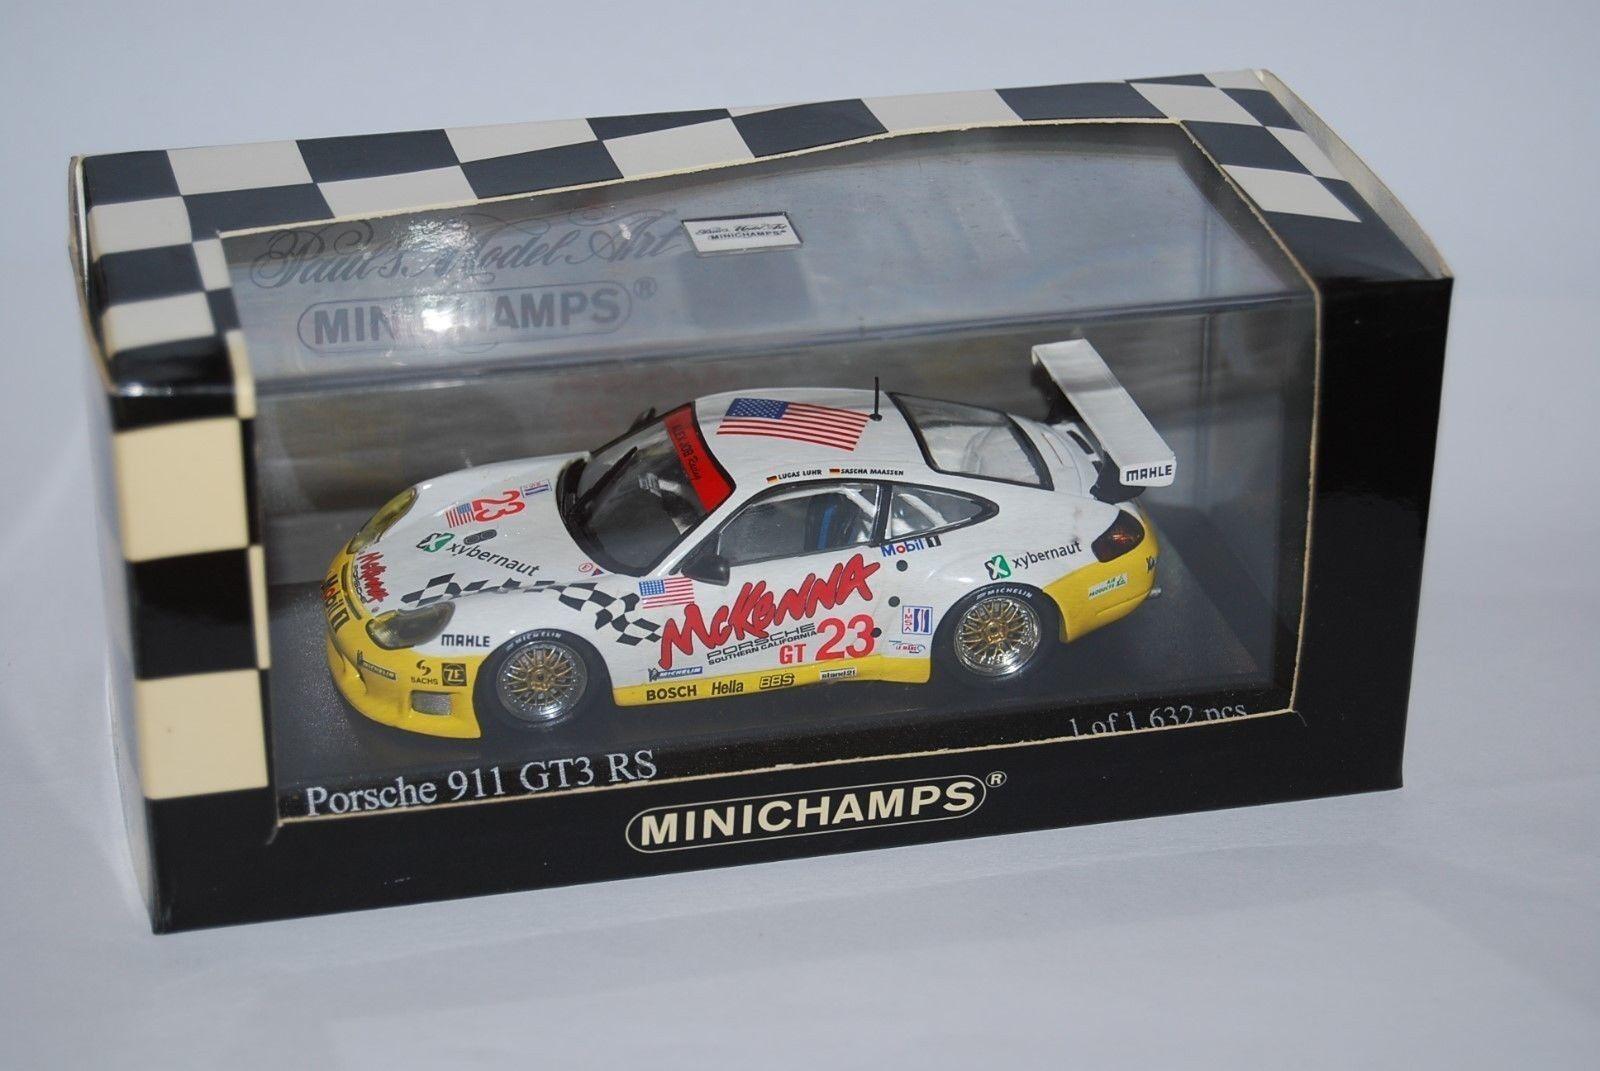 MINICHAMPS PORSCHE 911 GT3 RS SEBbague 2002  400026923 NEUF BOITE nouveau BOX 1 43  les clients d'abord